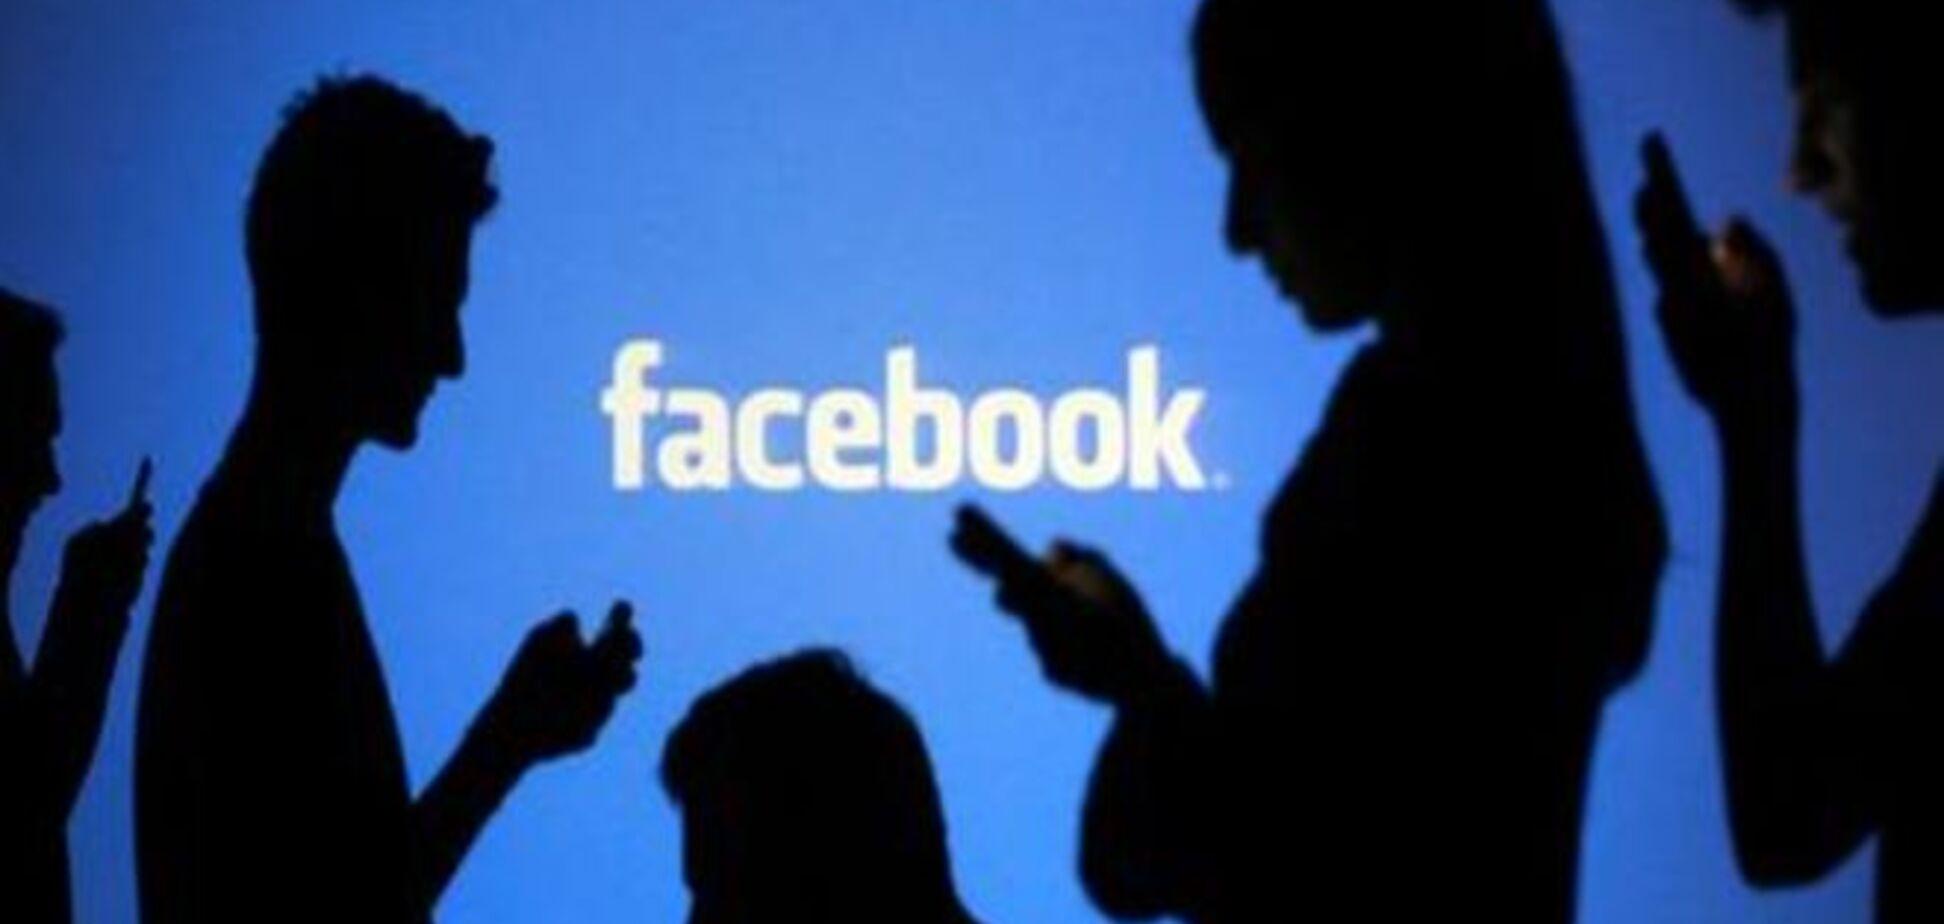 Коментар: Російський Facebook - маленька, але впливова філія пекла